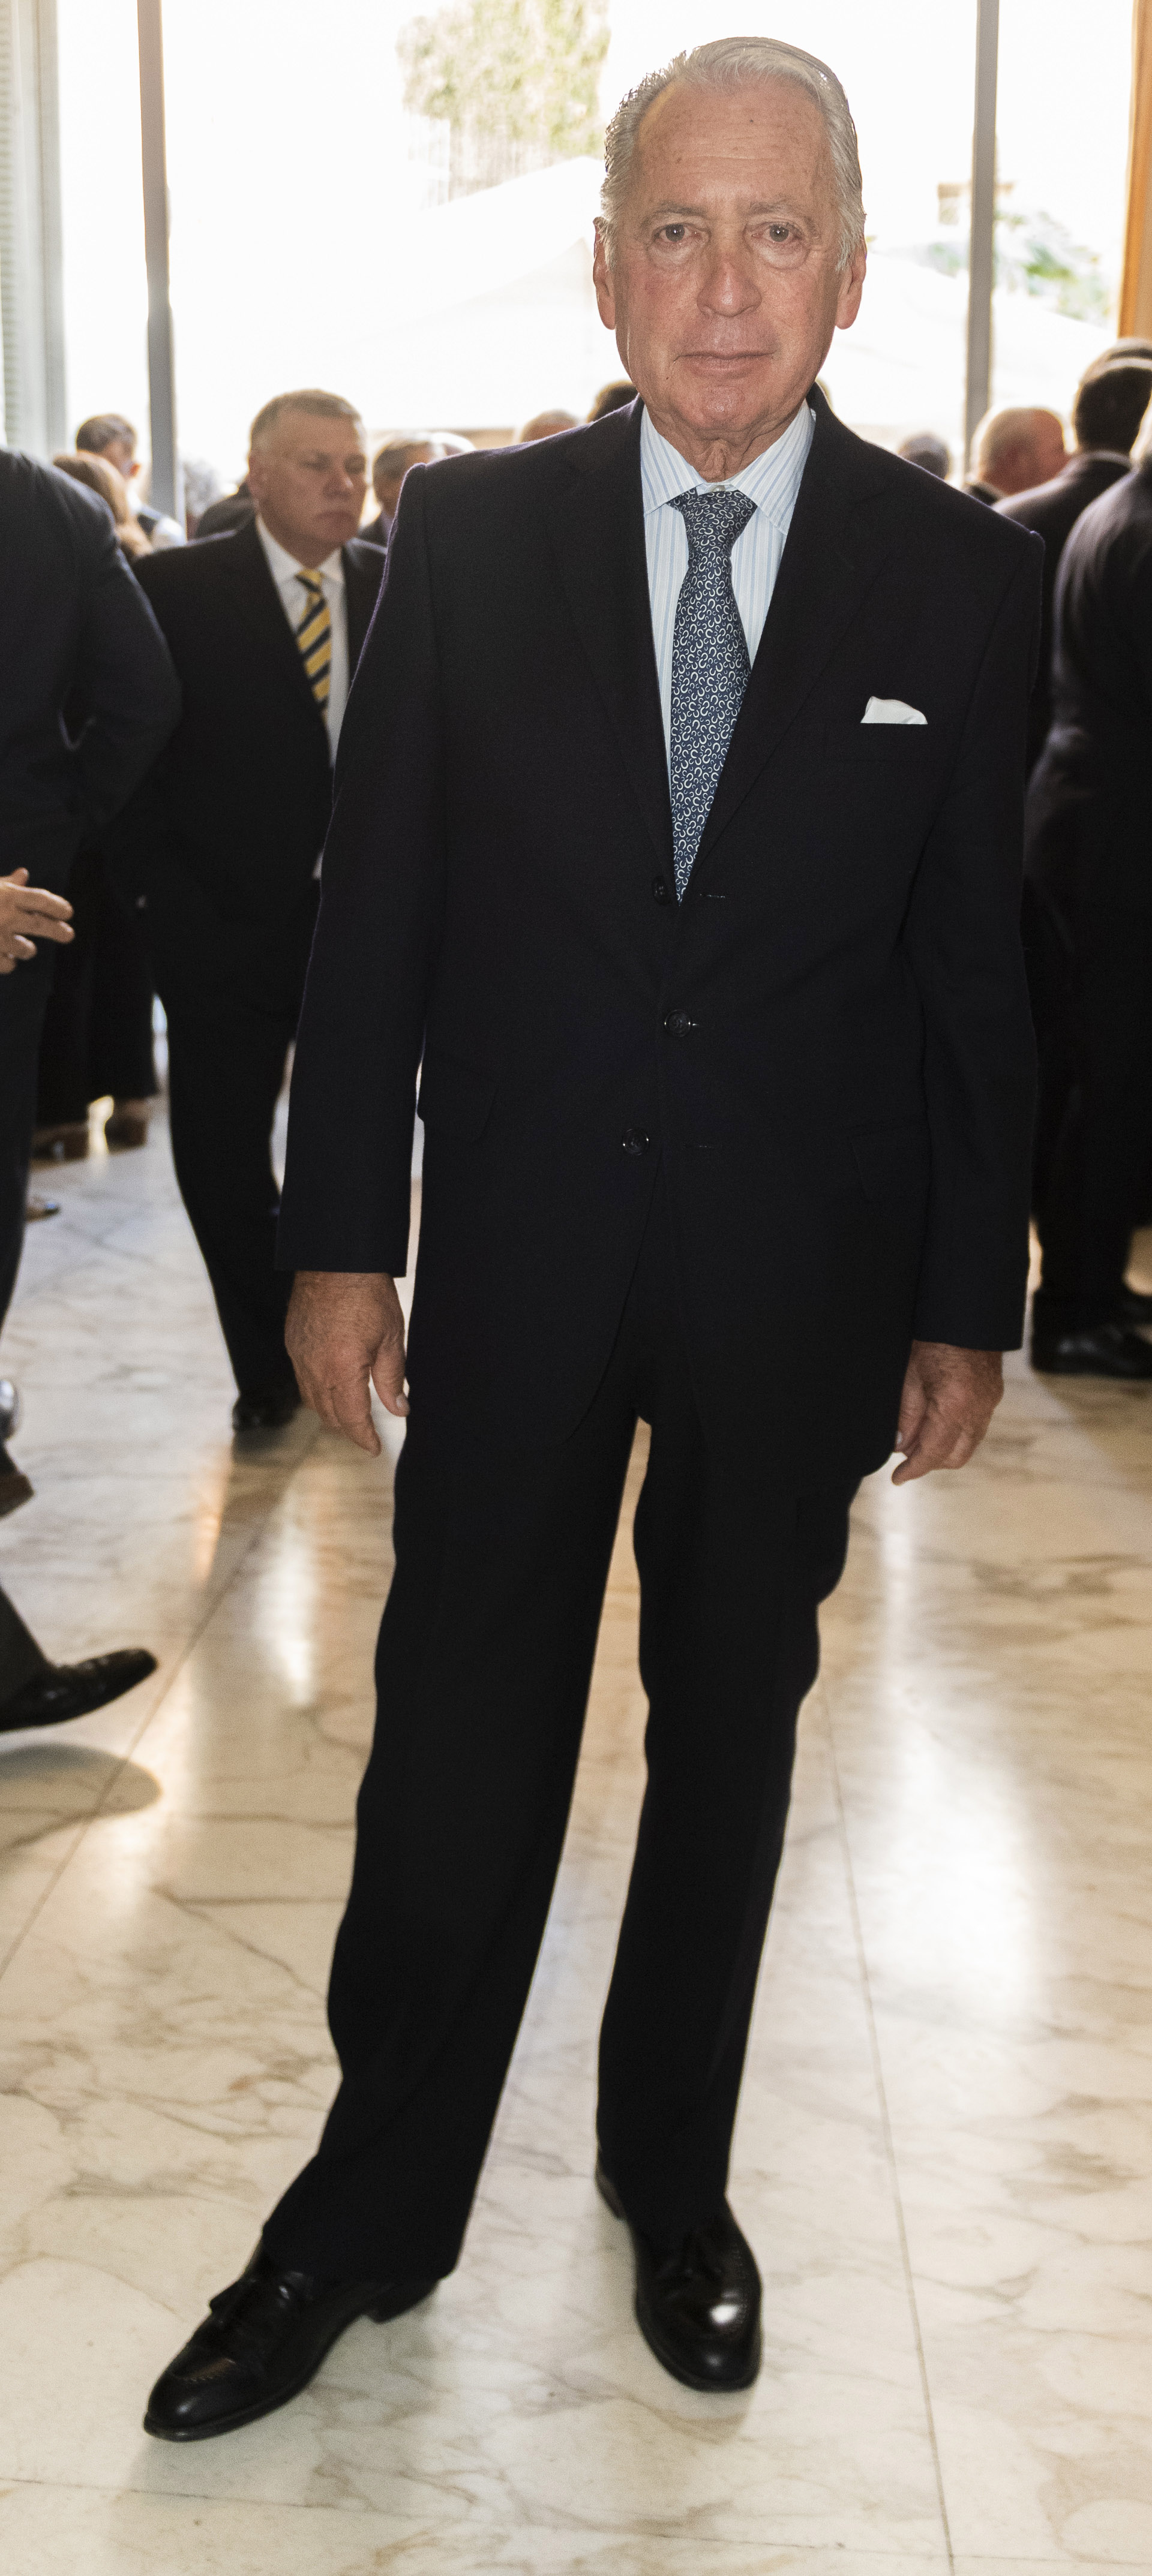 Daniel Funes de Rioja, vicepresidente 2 de la Unión Industrial Argentina